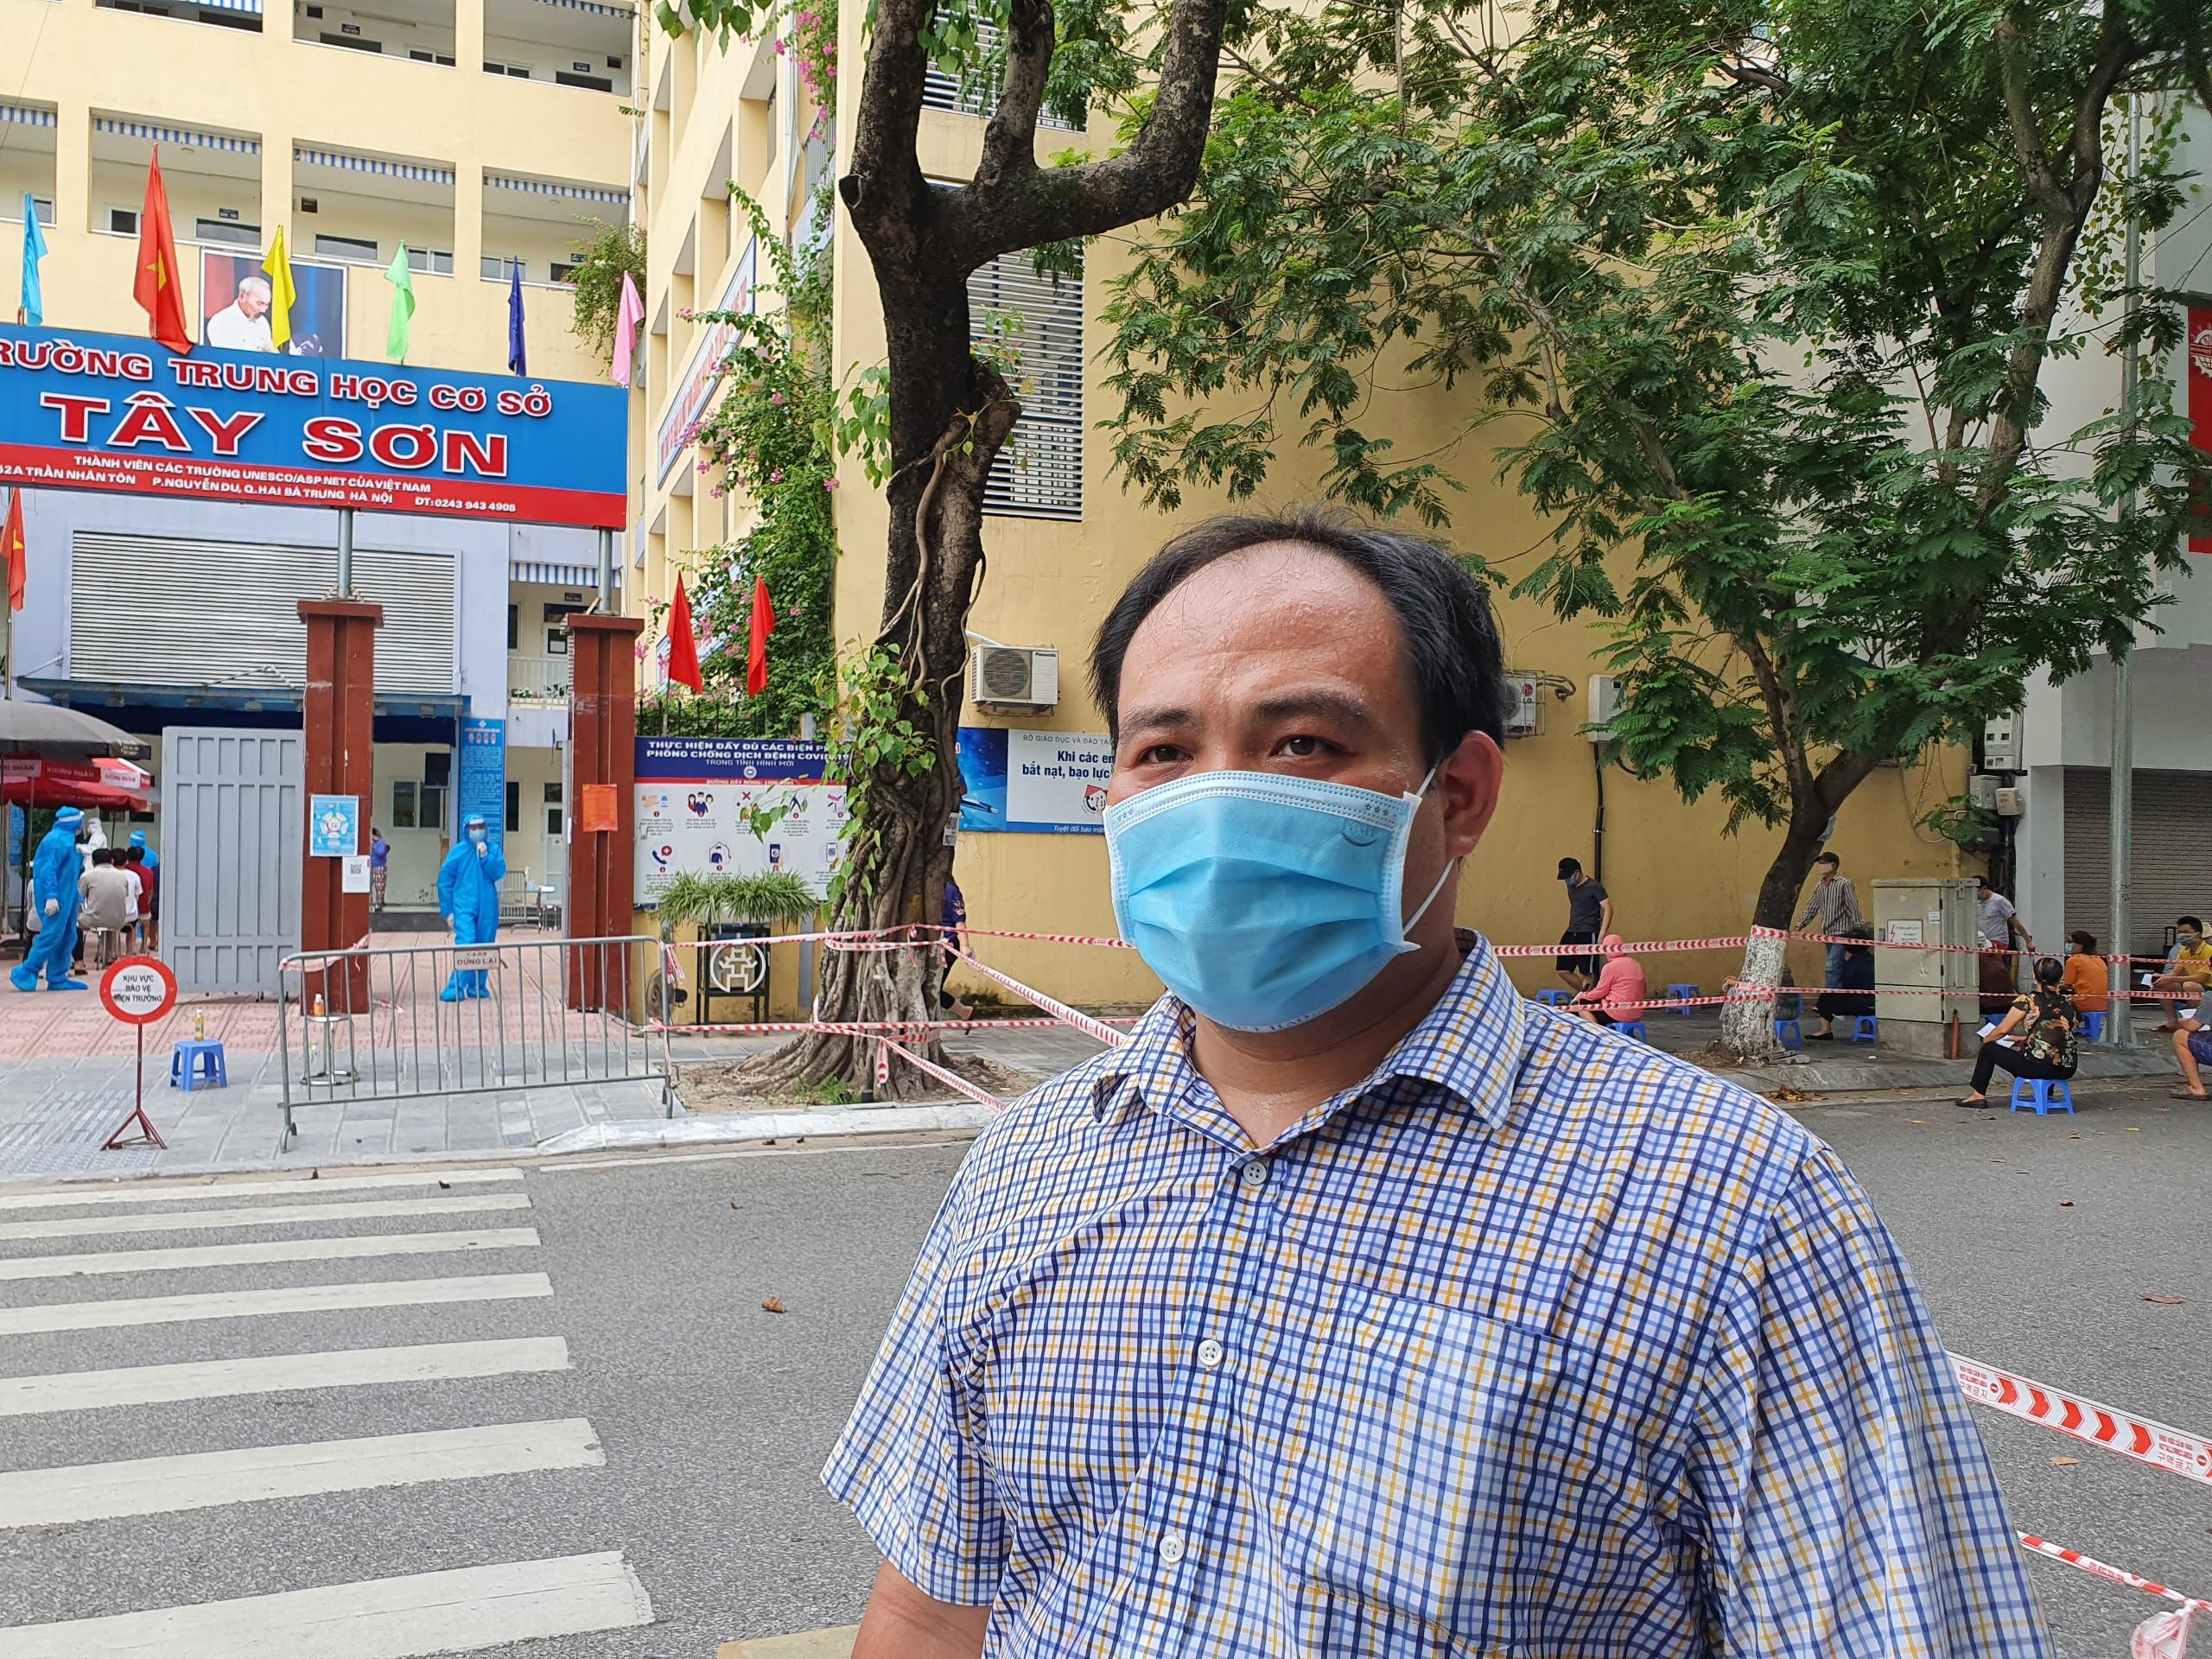 Ông Dương Minh Đức, Chủ tịch UBND phường Nguyễn Du cho biết, nhìn chung người dân thực hiện nghiêm chỉnh theo đúng hướng dẫn của ban tổ chức. Tuy nhiên nhiều người vẫn còn tâm lí lo sợ, e dè. Trong ngày hôm nay, chúng tôi sẽ cố gắng lấy đủ số mẫu yêu cầu phục vụ công tác truy vết, phát hiện sớm các trường hợp có thể lây nhiễm trong cộng đồng.